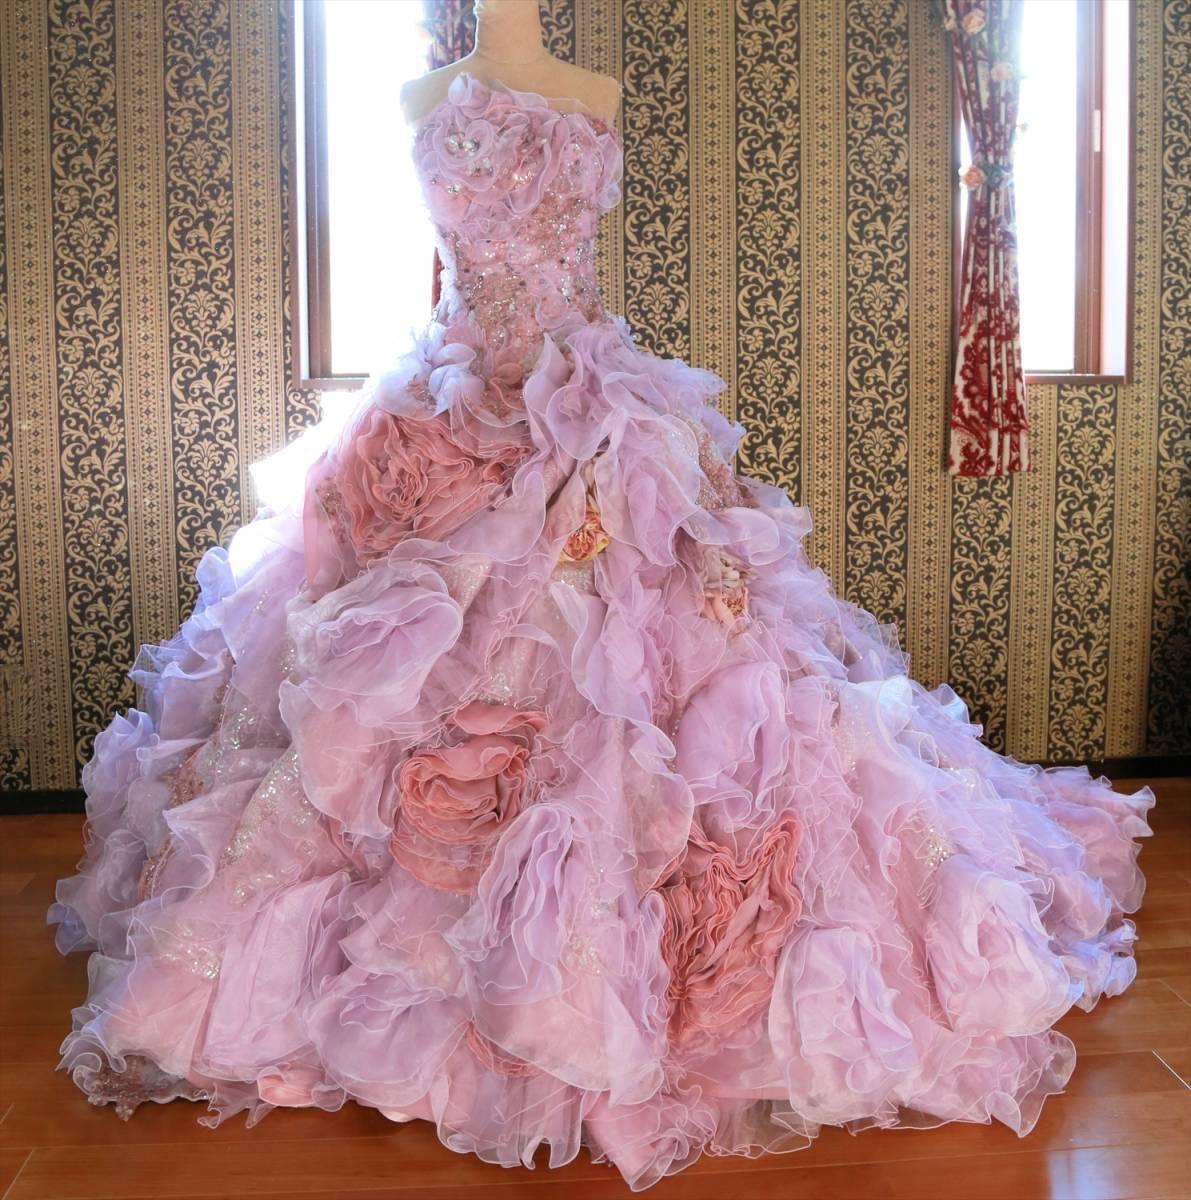 超豪華な逸品!高級ウエディングドレス7号Sサイズ紫カラードレス送料無料ロングトレーン